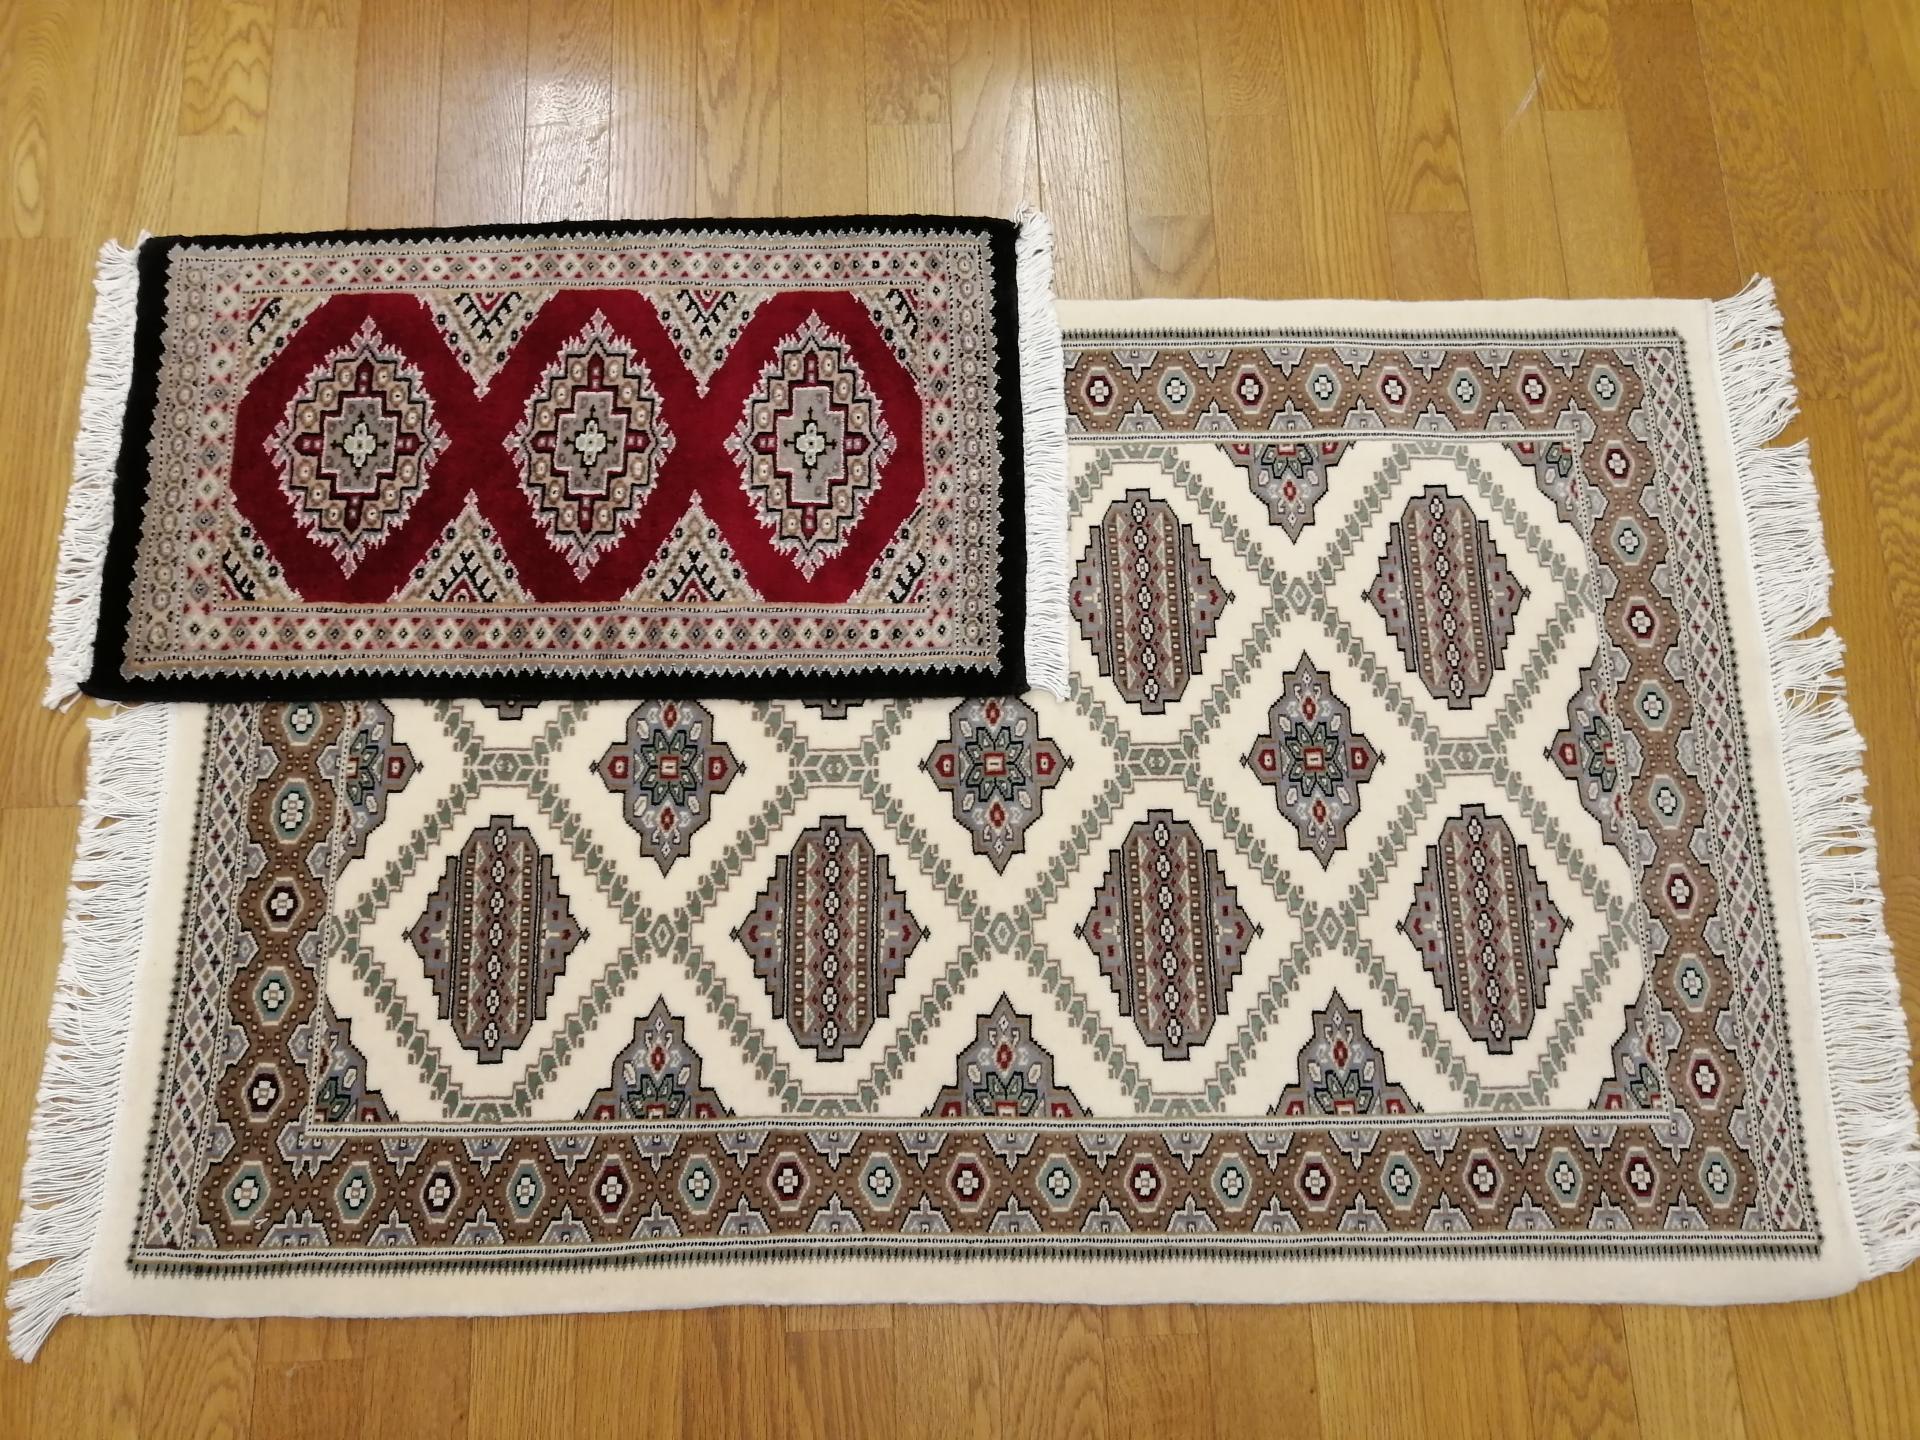 手織り絨毯 パキスタン絨毯 100,000円